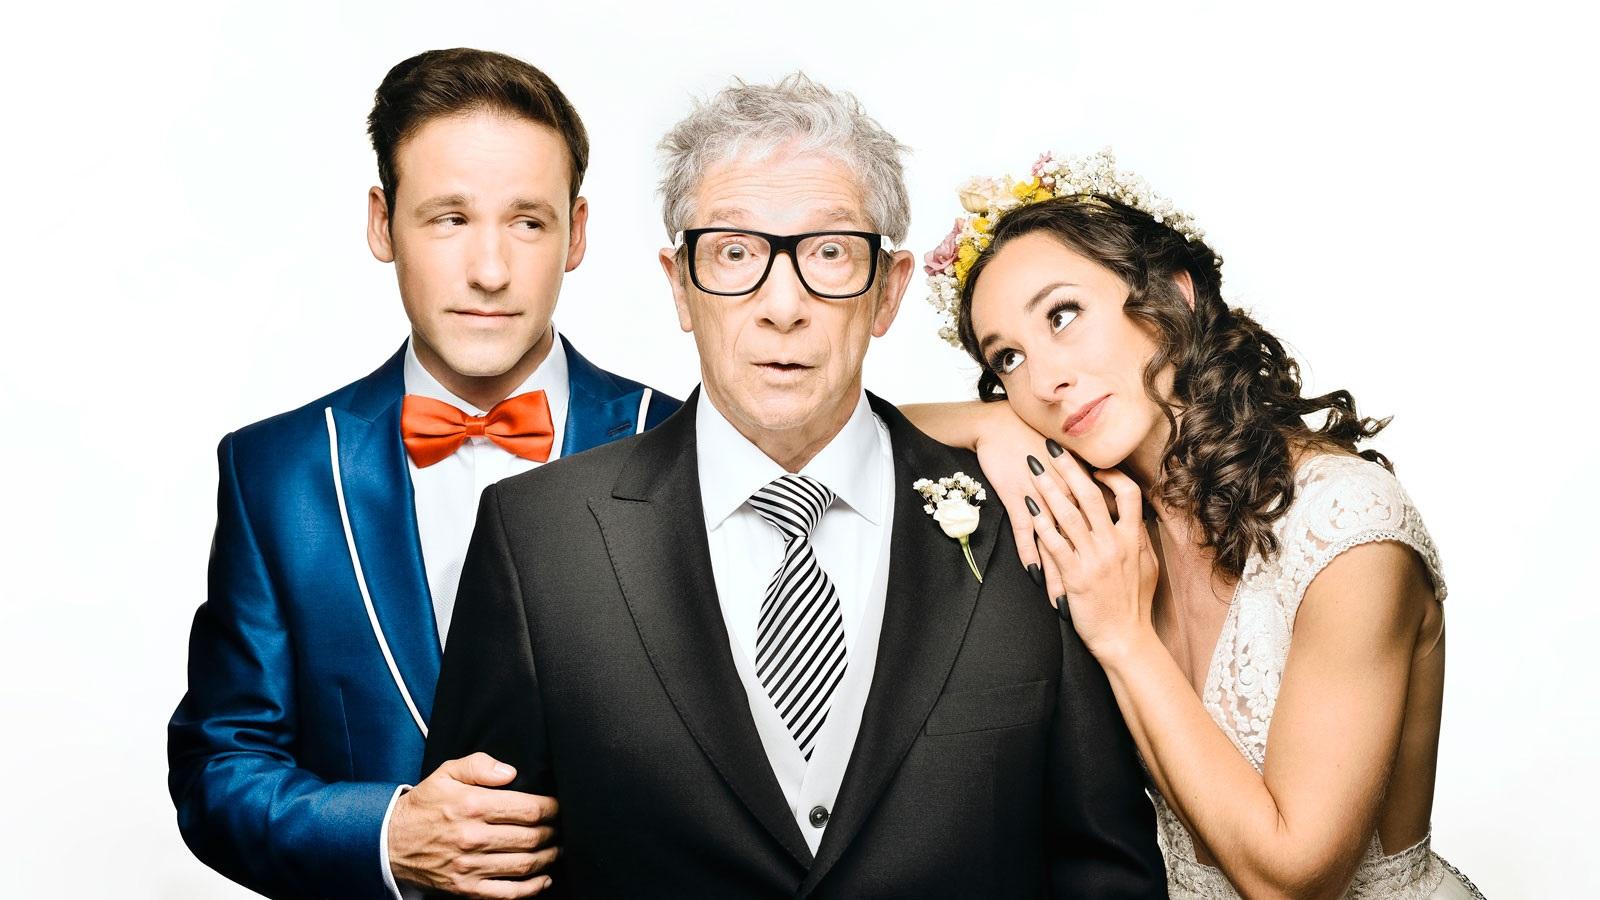 el pare de la núvia focus distribución